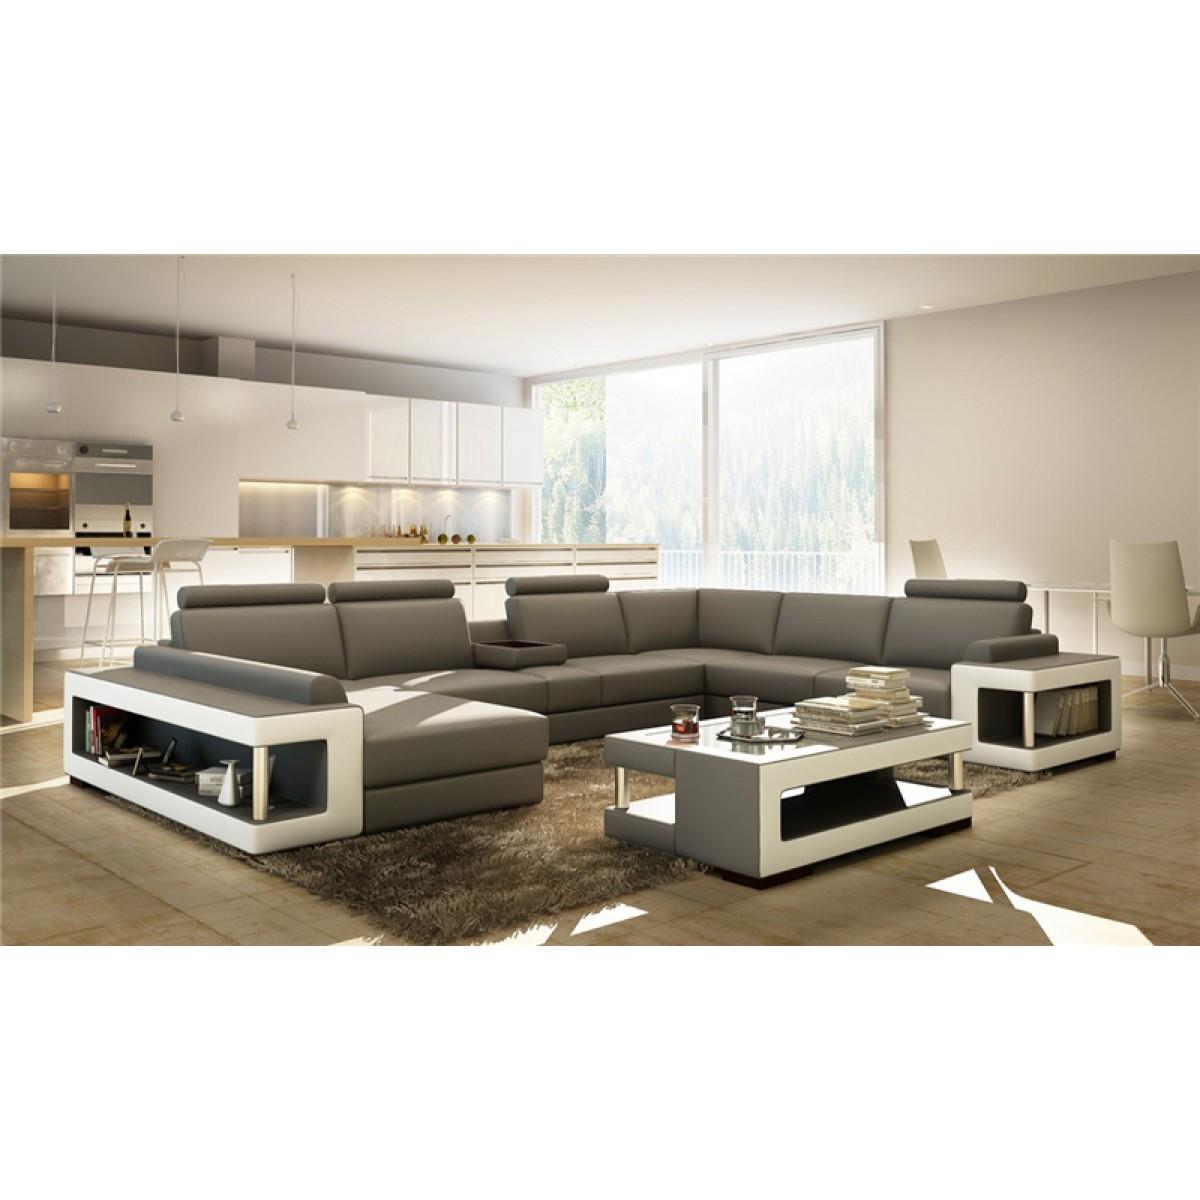 canap en u panoramique en cuir vara canap s. Black Bedroom Furniture Sets. Home Design Ideas